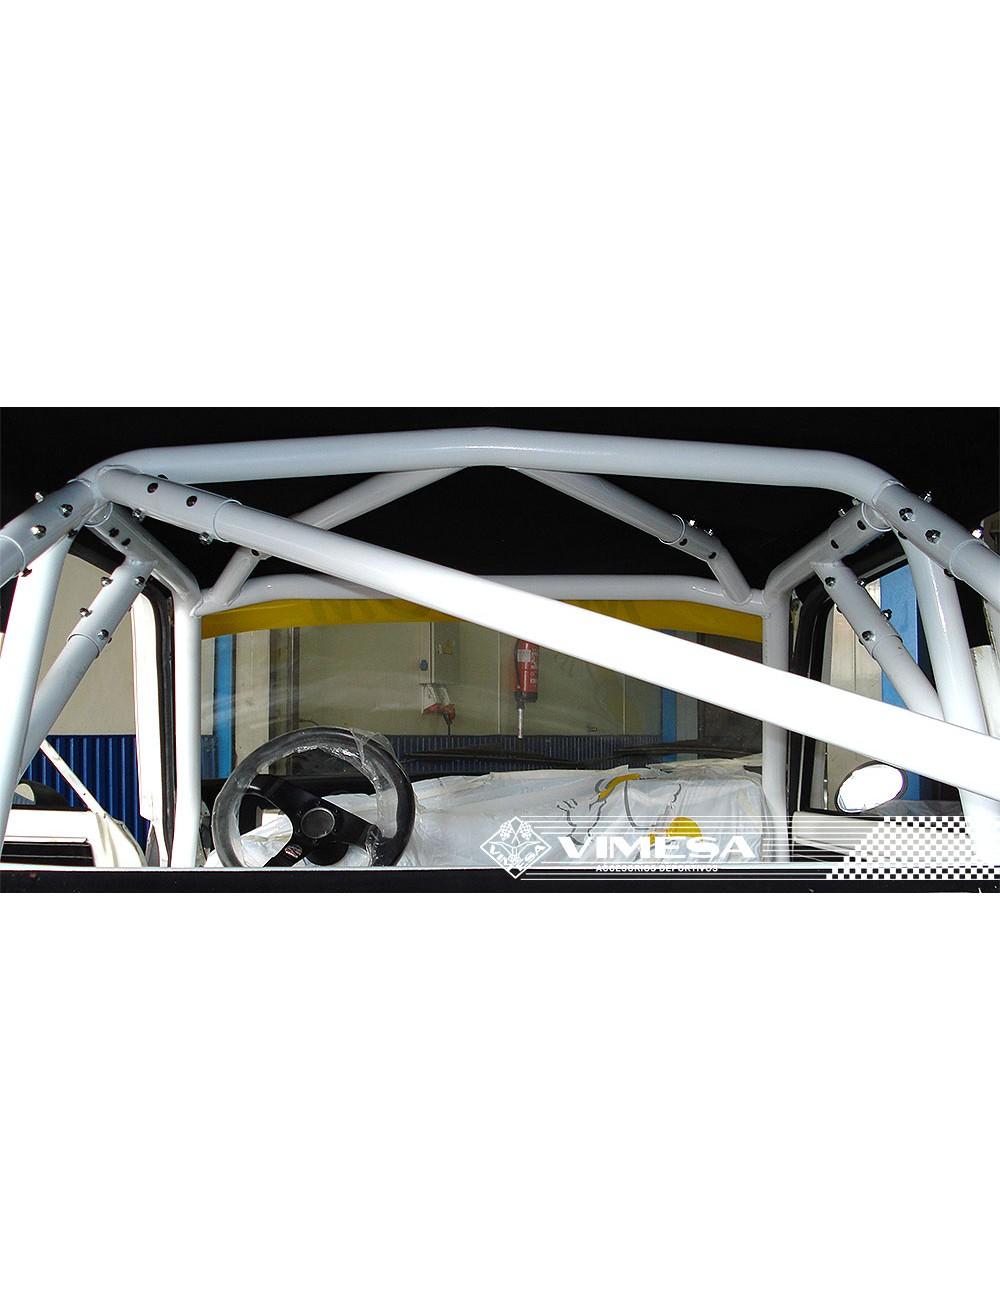 Arco de seguridad Vimesa, para Renault 5 Tour de Course